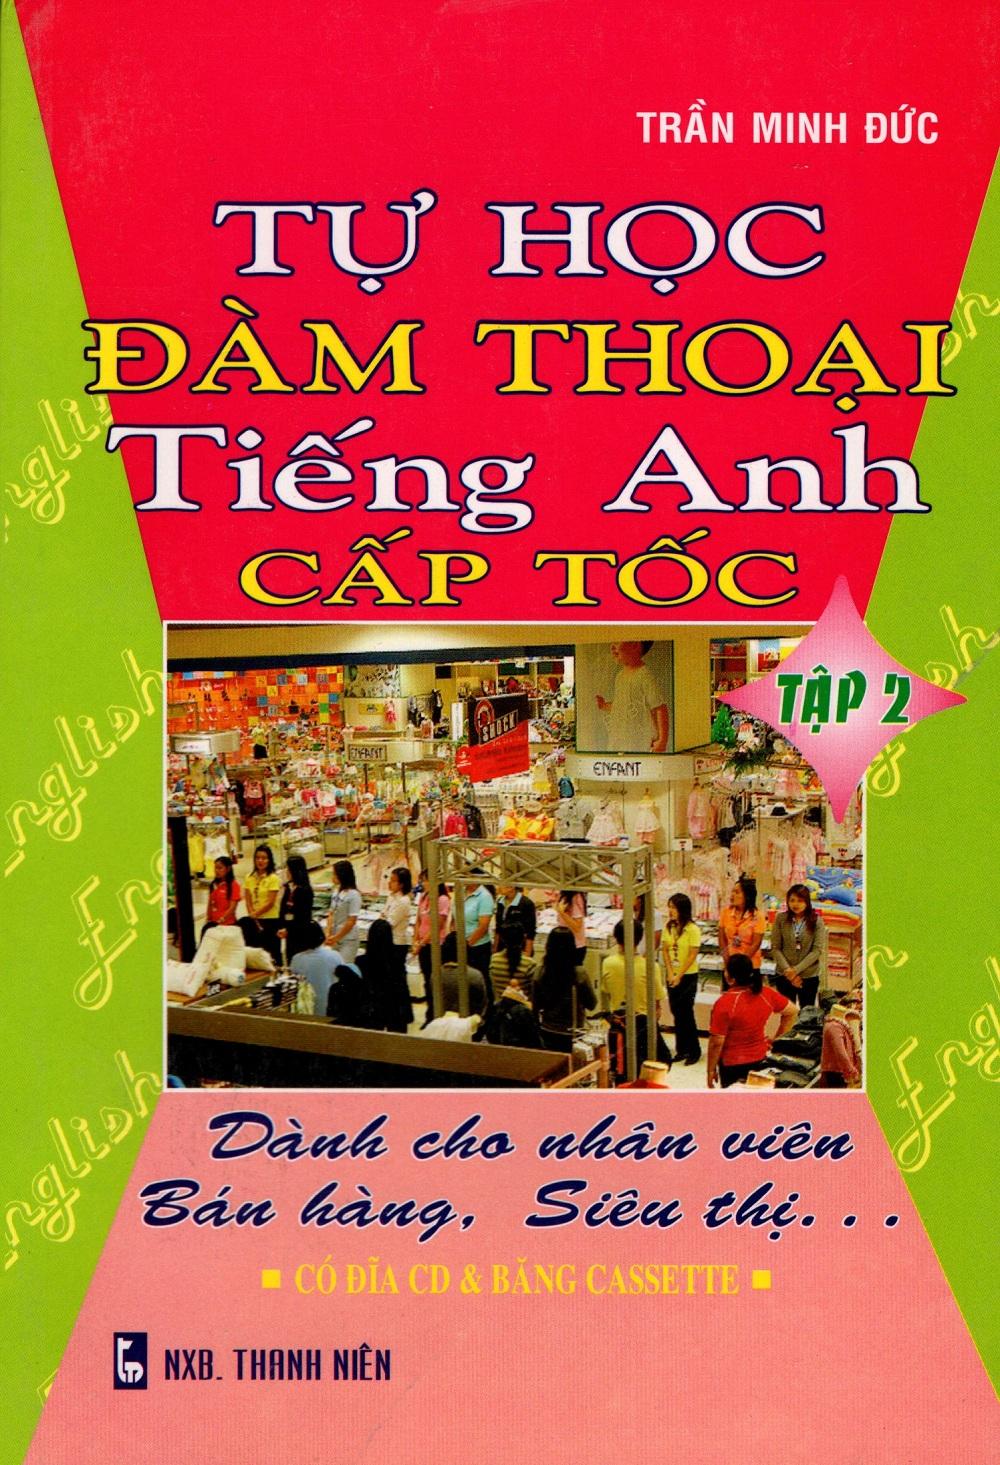 Bìa sách Tự Học Đàm Thoại Tiếng Anh Cấp Tốc - Dành Cho Nhân Viên Bán Hàng, Siêu Thị (Tập 2)